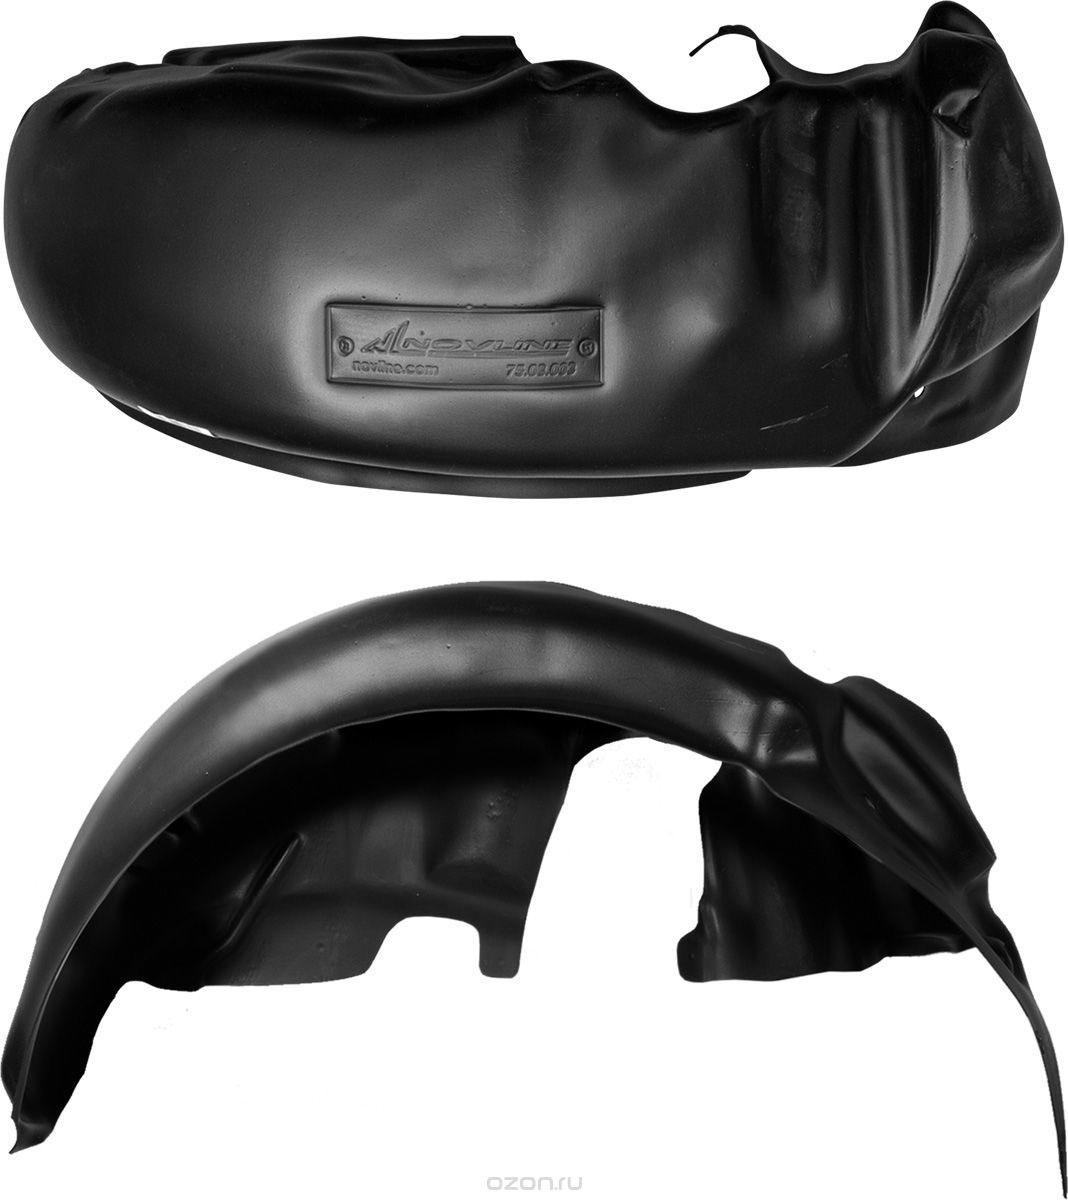 Подкрылок Novline-Autofamily, для Mazda CX-7, 2010-2013, передний левыйNLL.33.18.001Идеальная защита колесной ниши. Локеры разработаны с применением цифровых технологий, гарантируют максимальную повторяемость поверхности арки. Изделия устанавливаются без нарушения лакокрасочного покрытия автомобиля, каждый подкрылок комплектуется крепежом. Уважаемые клиенты, обращаем ваше внимание, что фотографии на подкрылки универсальные и не отражают реальную форму изделия. При этом само изделие идет точно под размер указанного автомобиля.